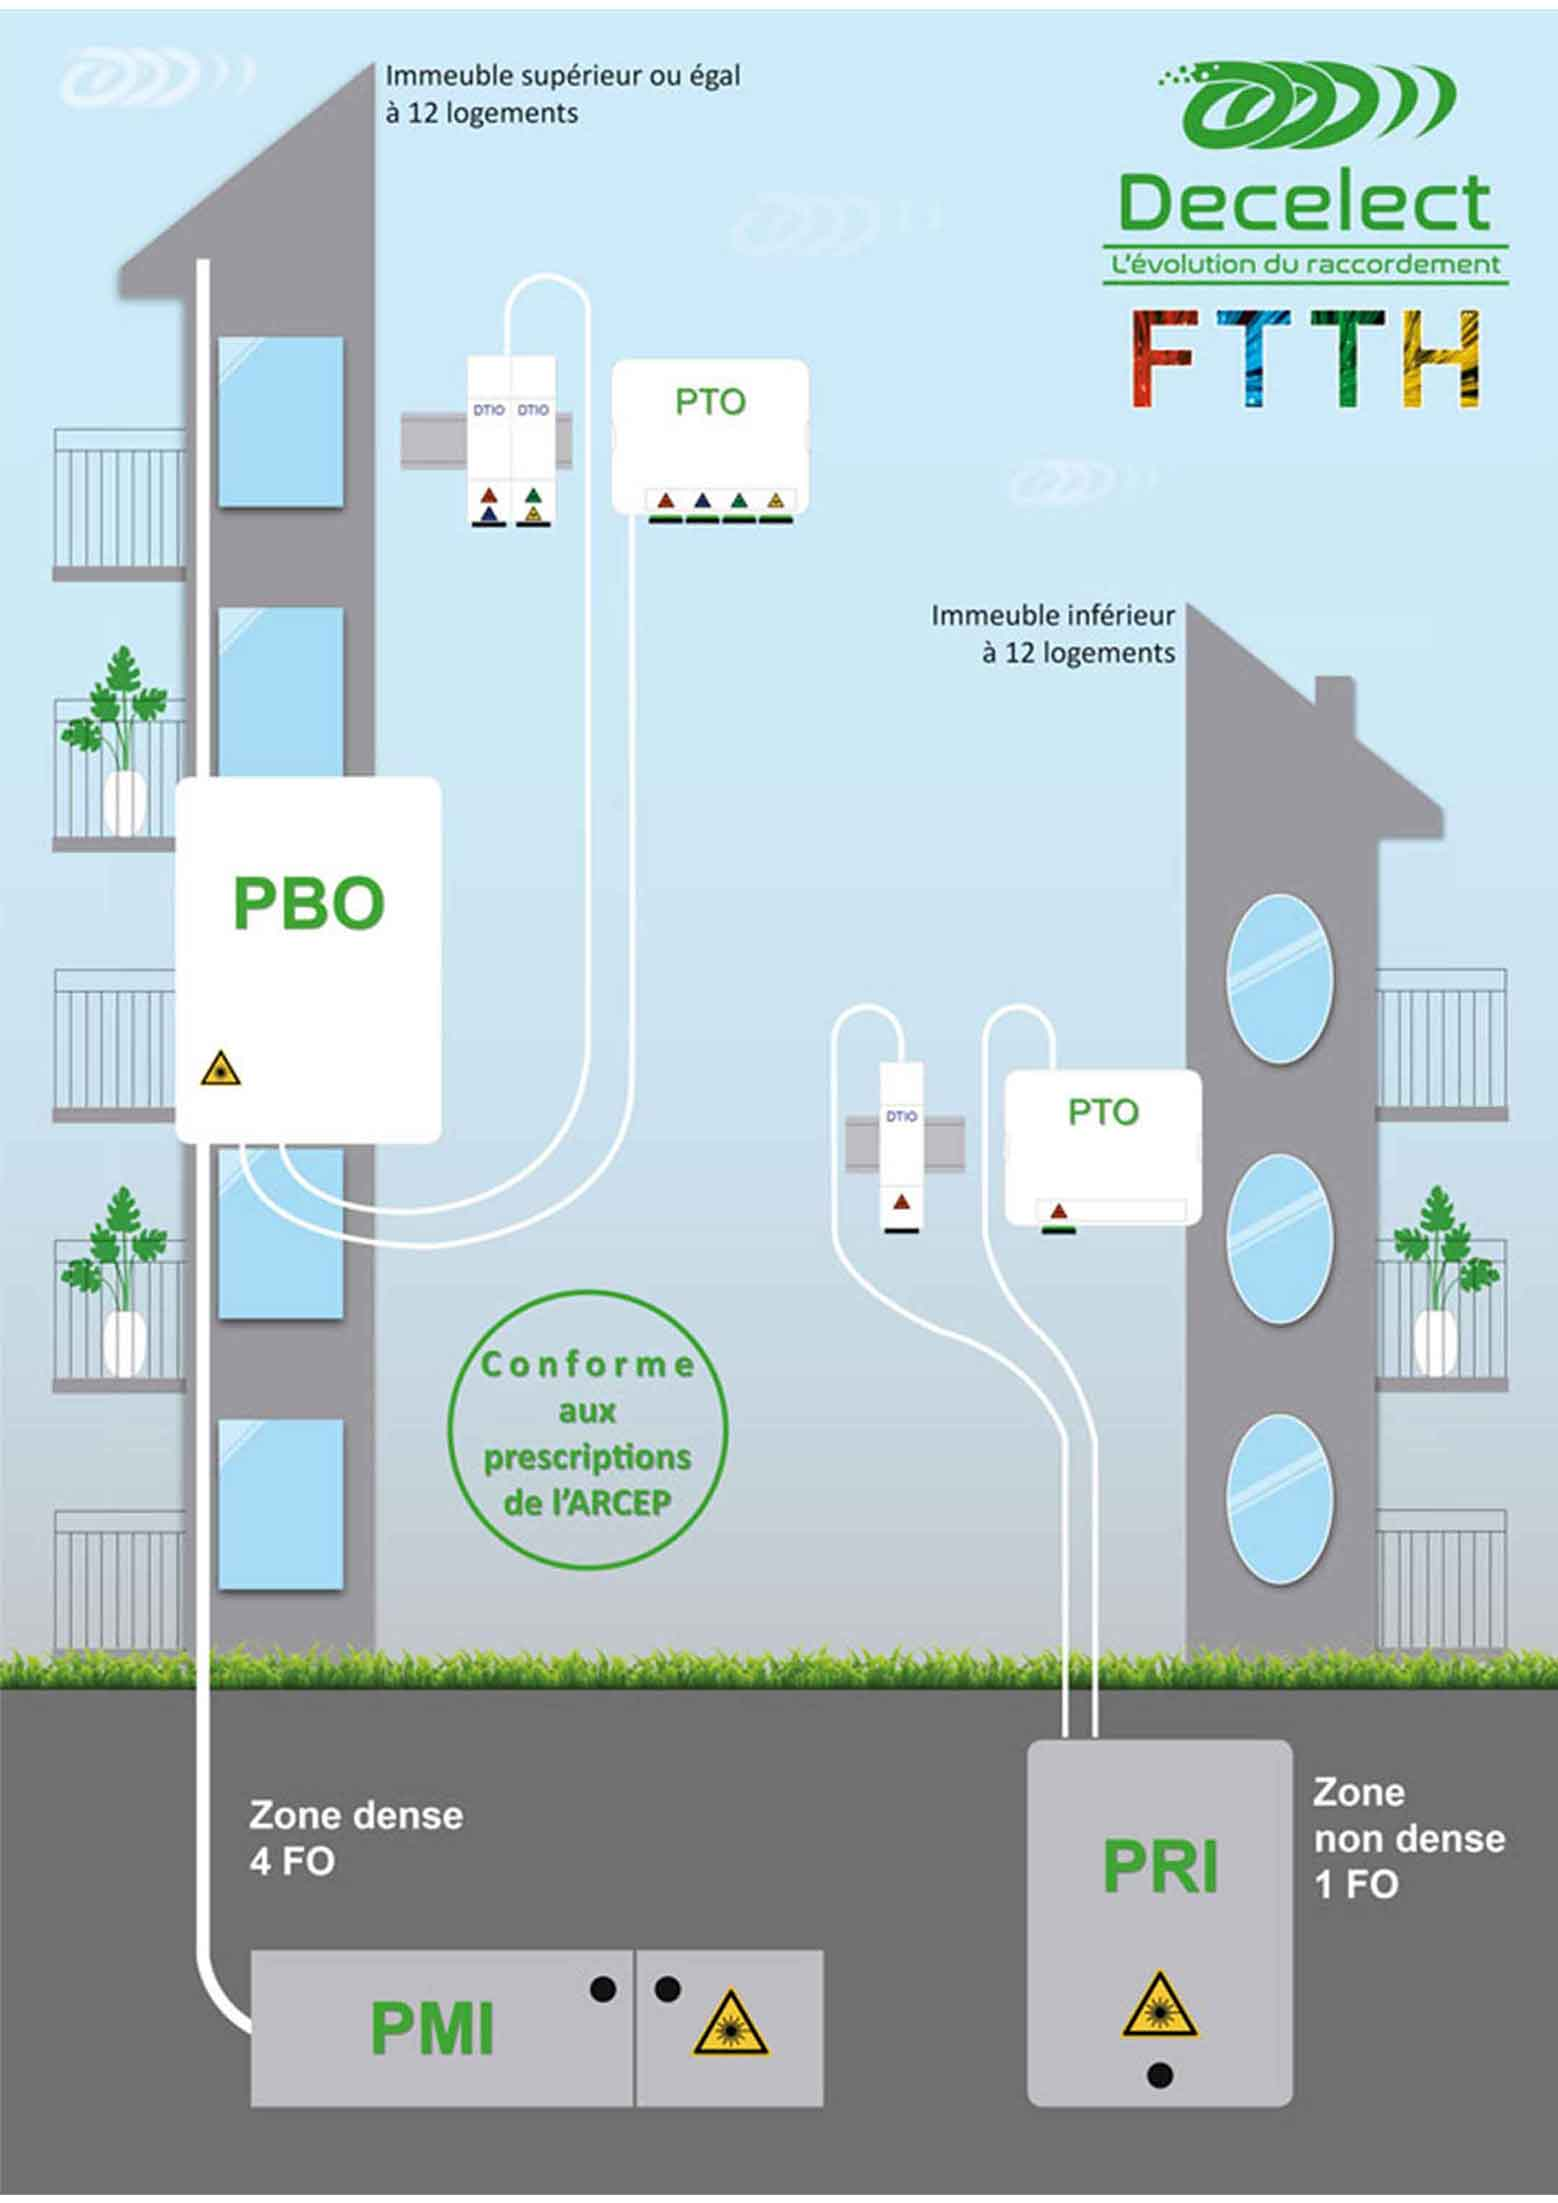 Immeuble supérieur ou égal à 12 logements, FTTH Decelect